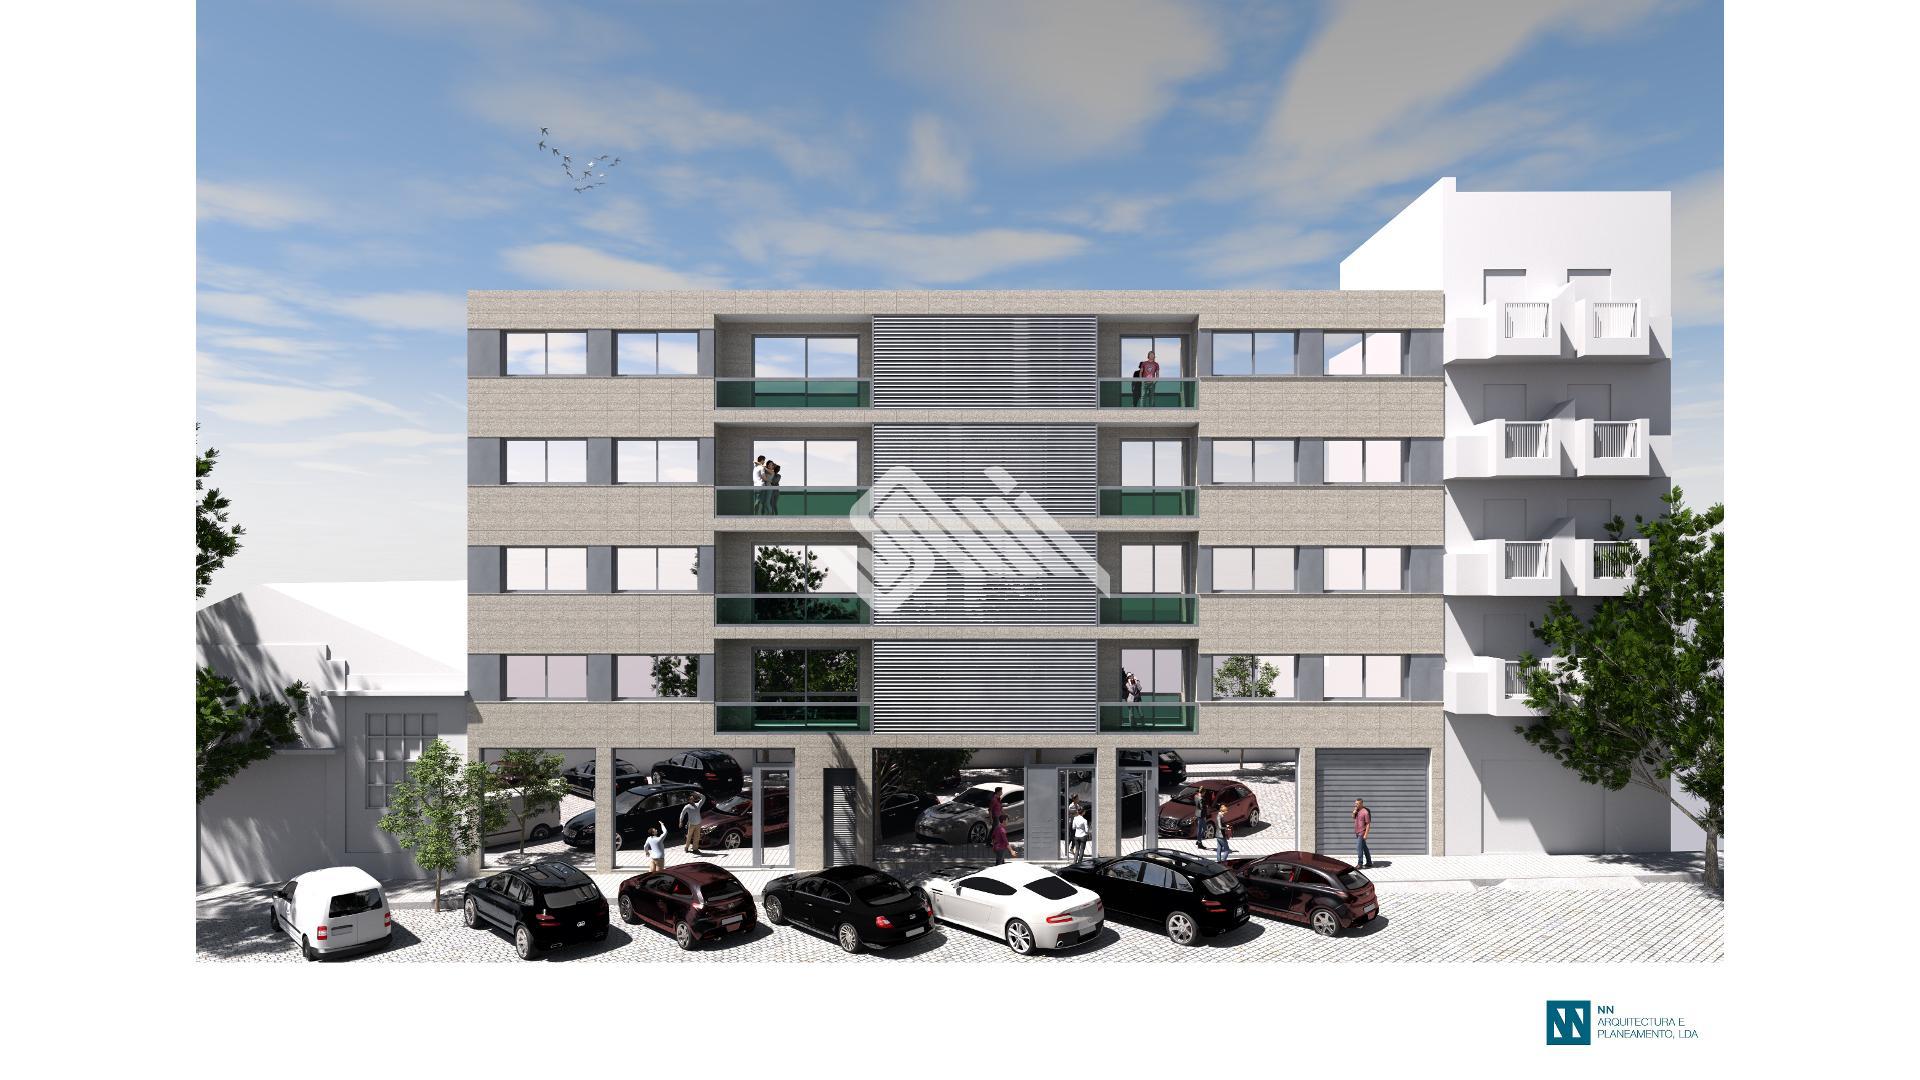 Apartamento T1 em Matosinhos  - Matosinhos, UDF De Matosinhos E Leça Da Palmeira